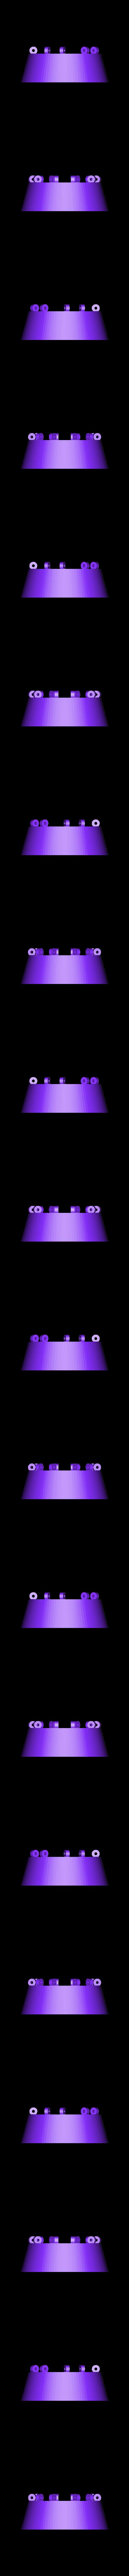 penholderbase.stl Télécharger fichier STL gratuit porte-stylo wacom • Plan pour imprimante 3D, rubenzilzer